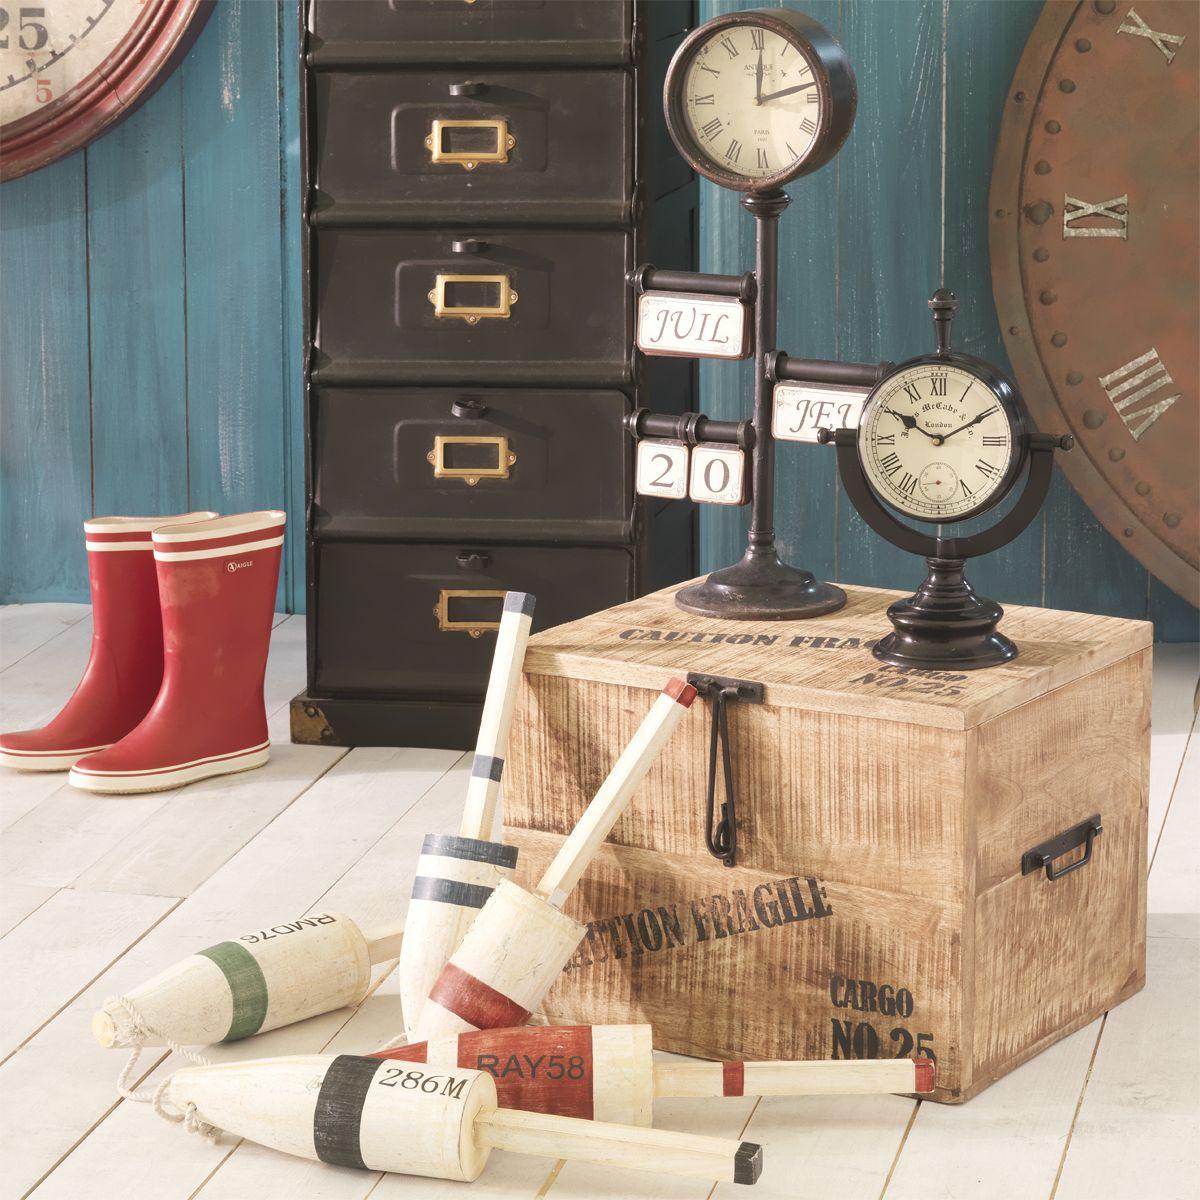 malle de rangement l 47 cm bord de mer pinterest maison maison du monde et deco. Black Bedroom Furniture Sets. Home Design Ideas